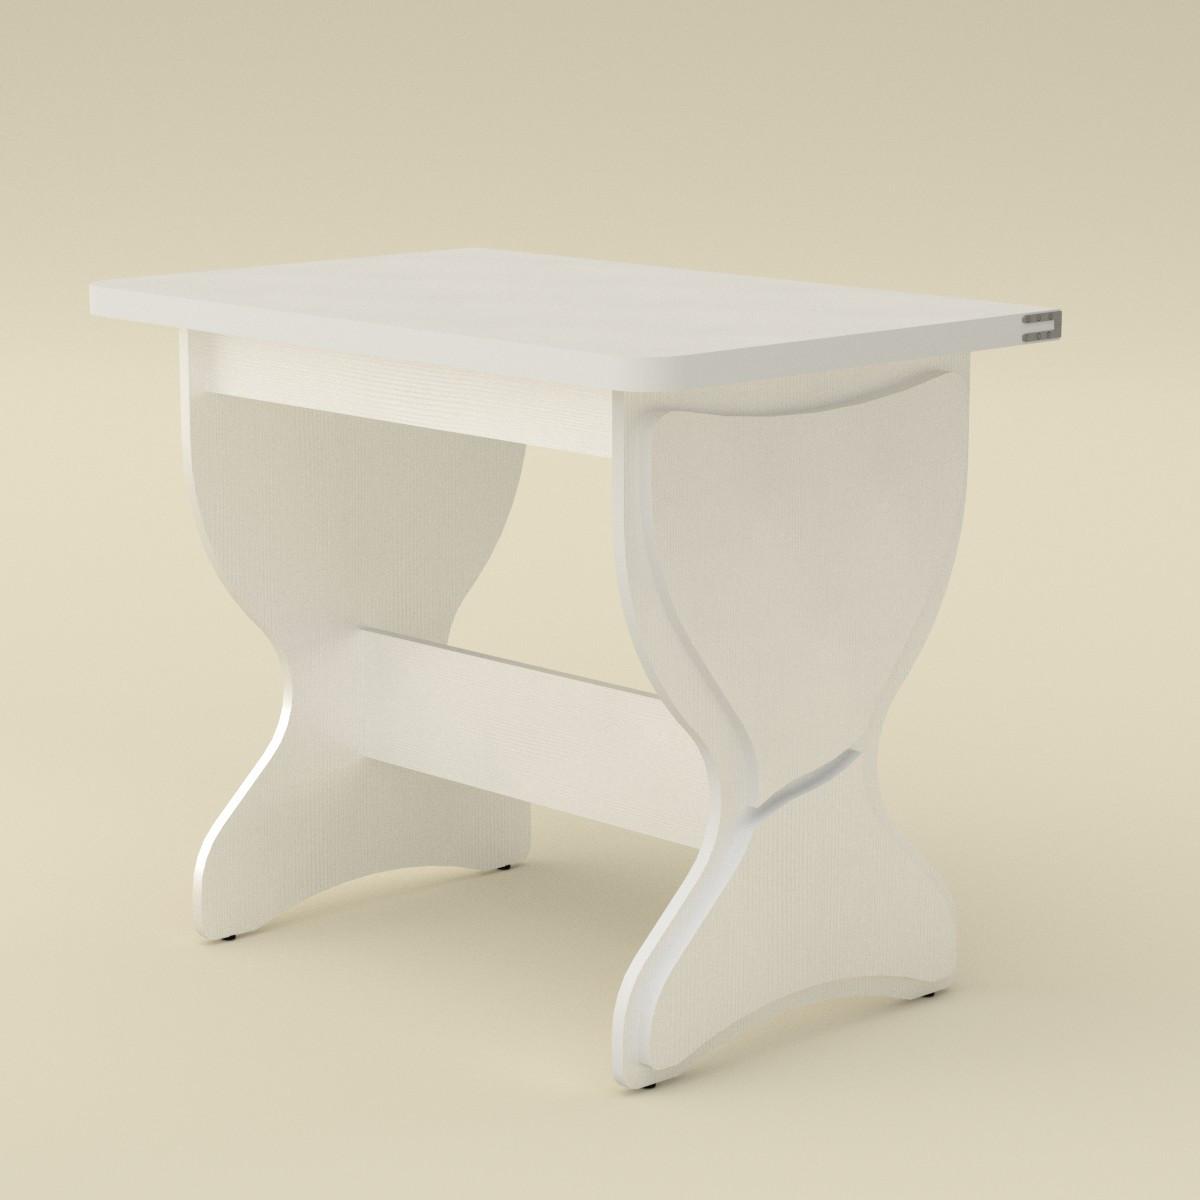 Стол кухонный КС-4 белый Компанит (90х59х73 см), фото 1